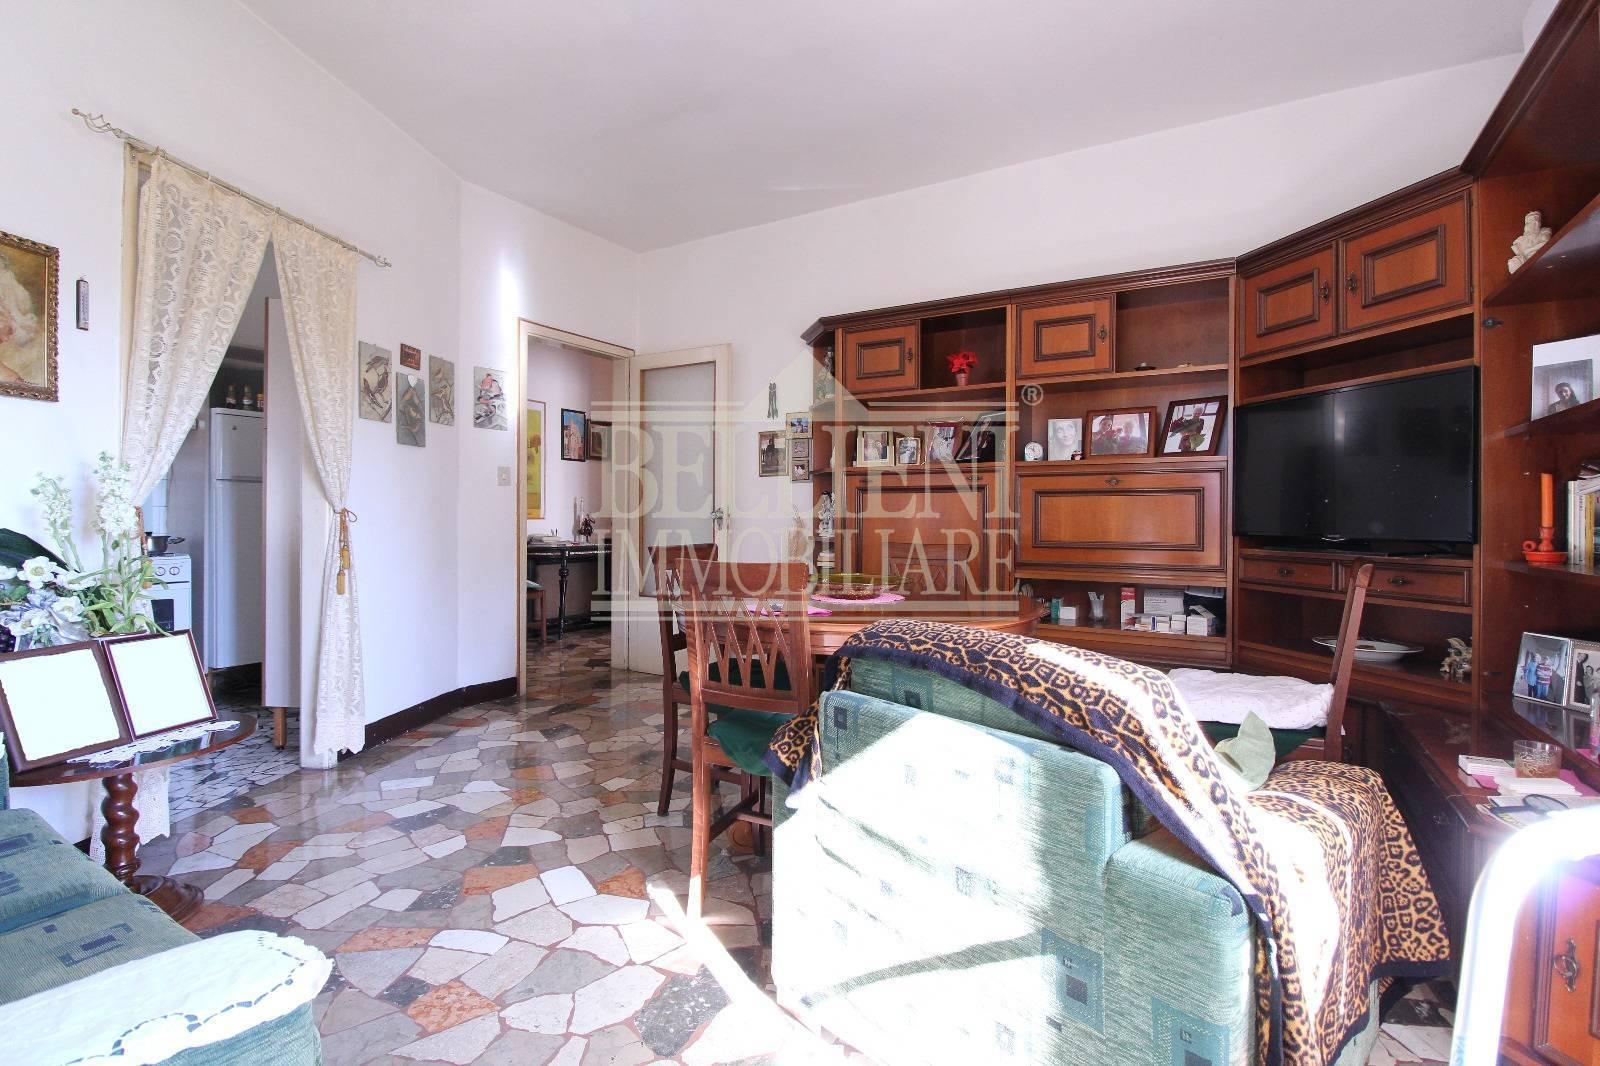 Appartamento in vendita a Vicenza, 6 locali, zona Località: MonteBerico, prezzo € 120.000 | PortaleAgenzieImmobiliari.it